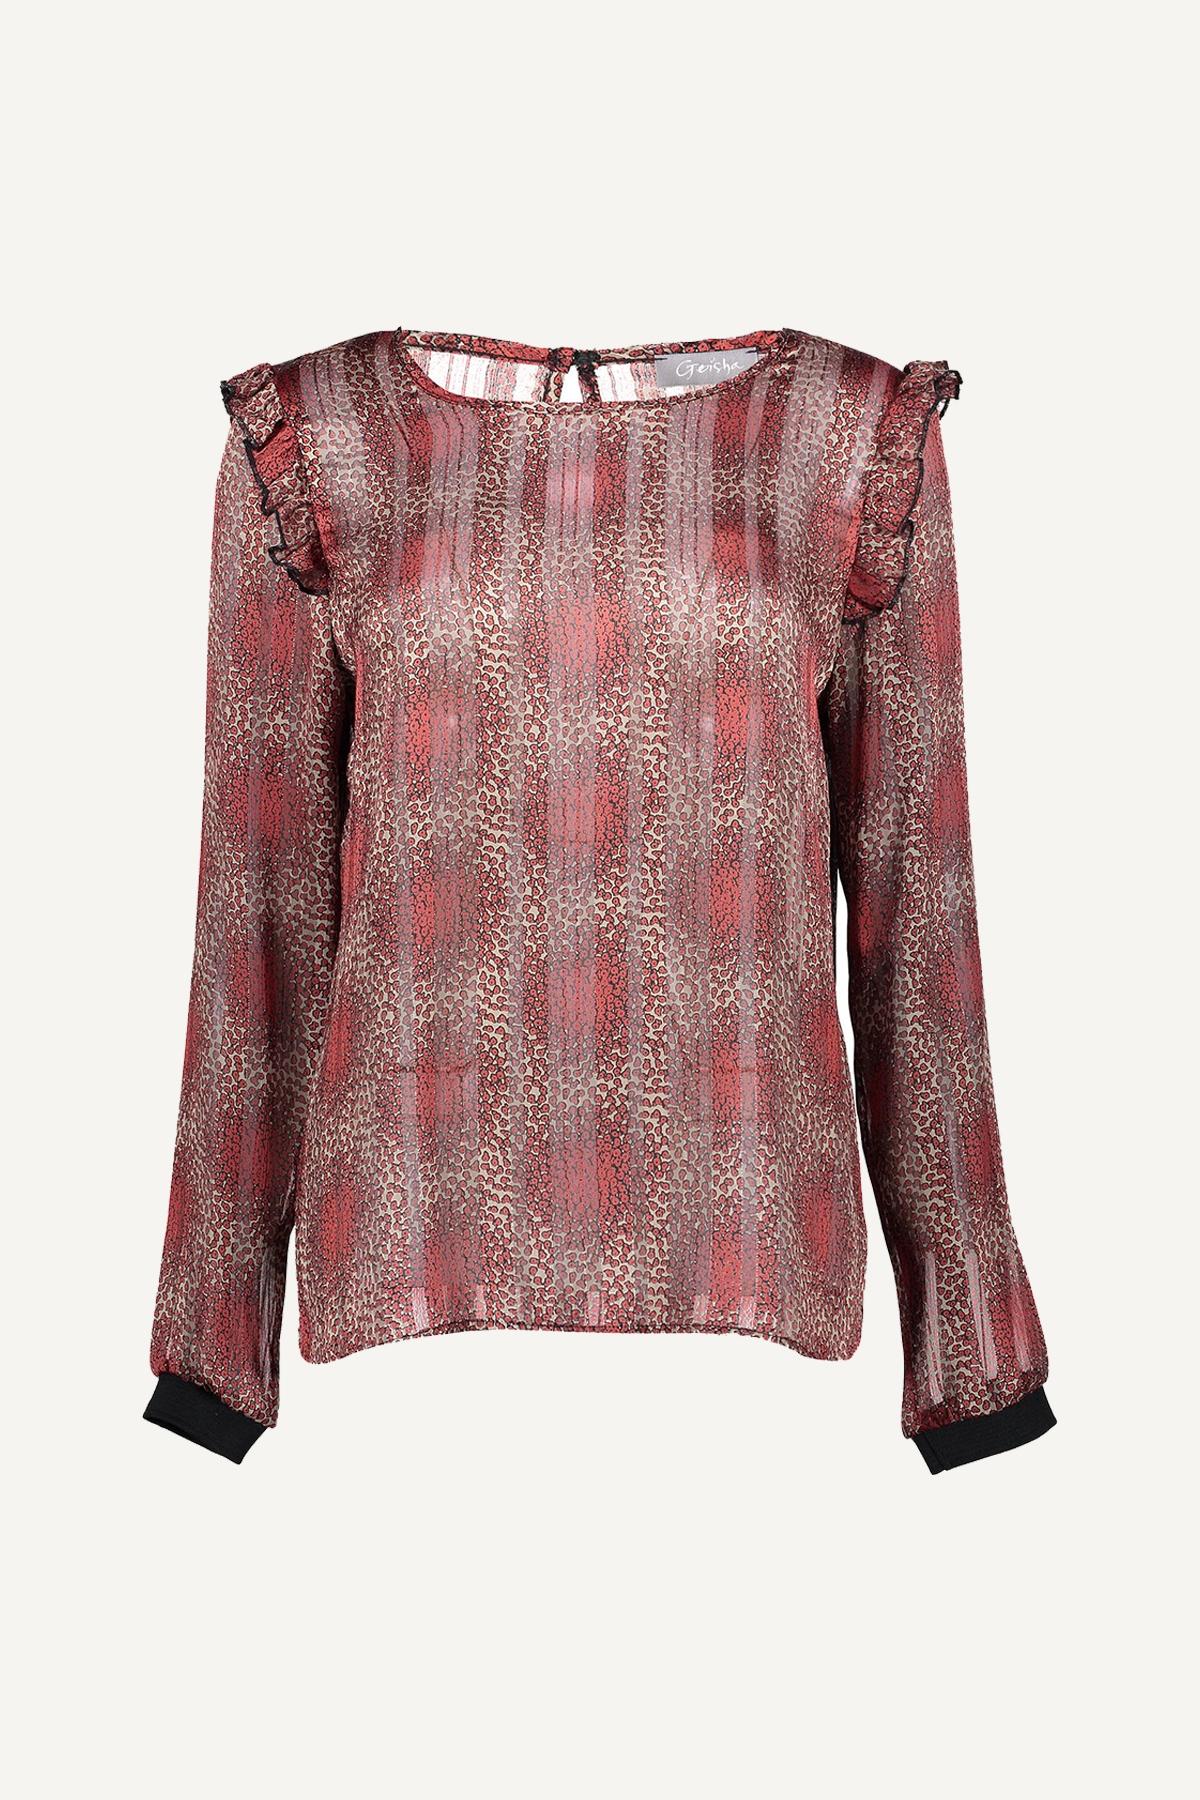 Geisha Shirt - Top Wit 03667-20